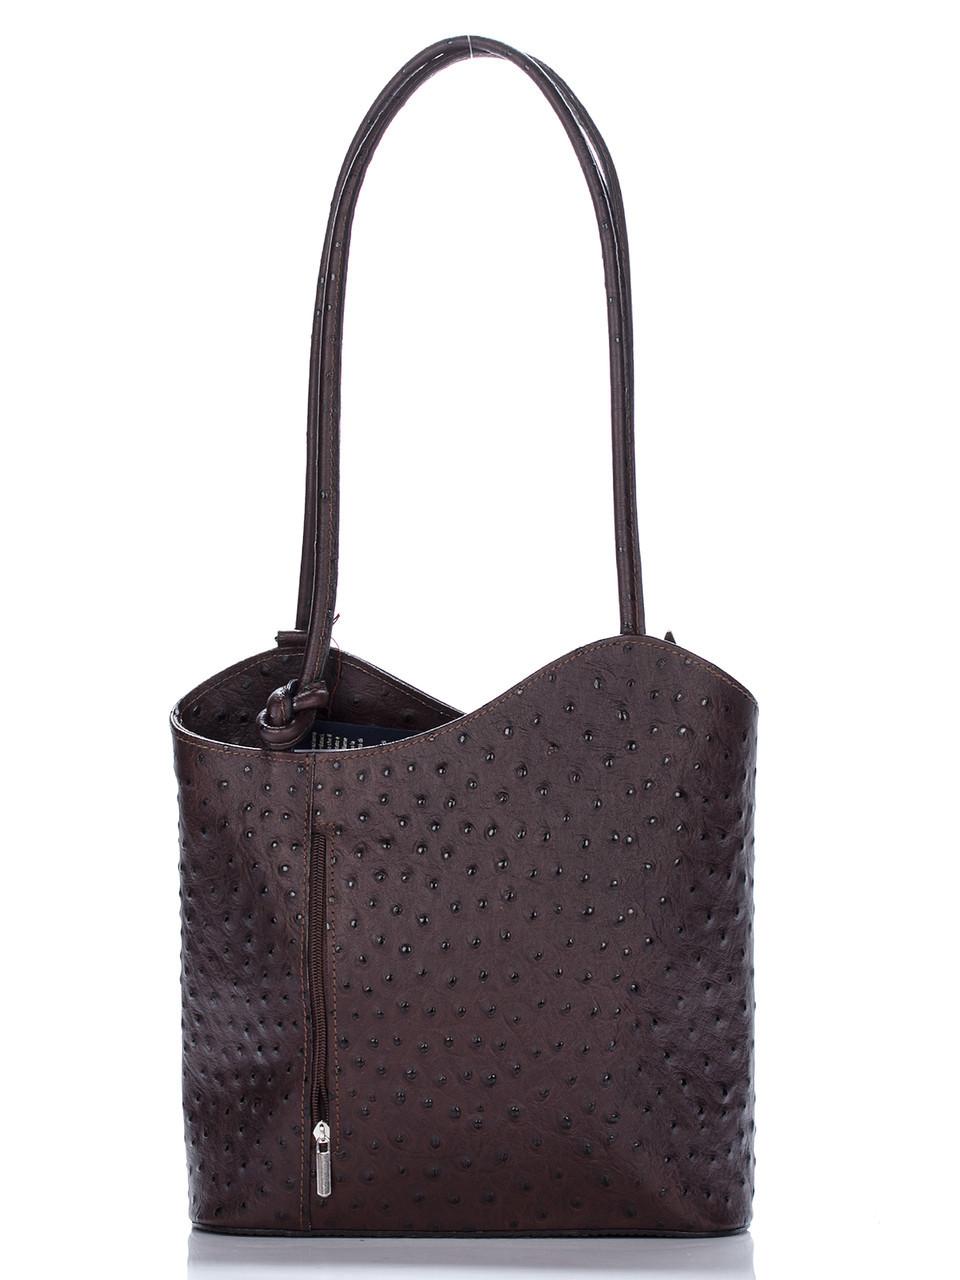 Женская кожаная сумка PATTY Diva's Bag цвет темно-коричневый